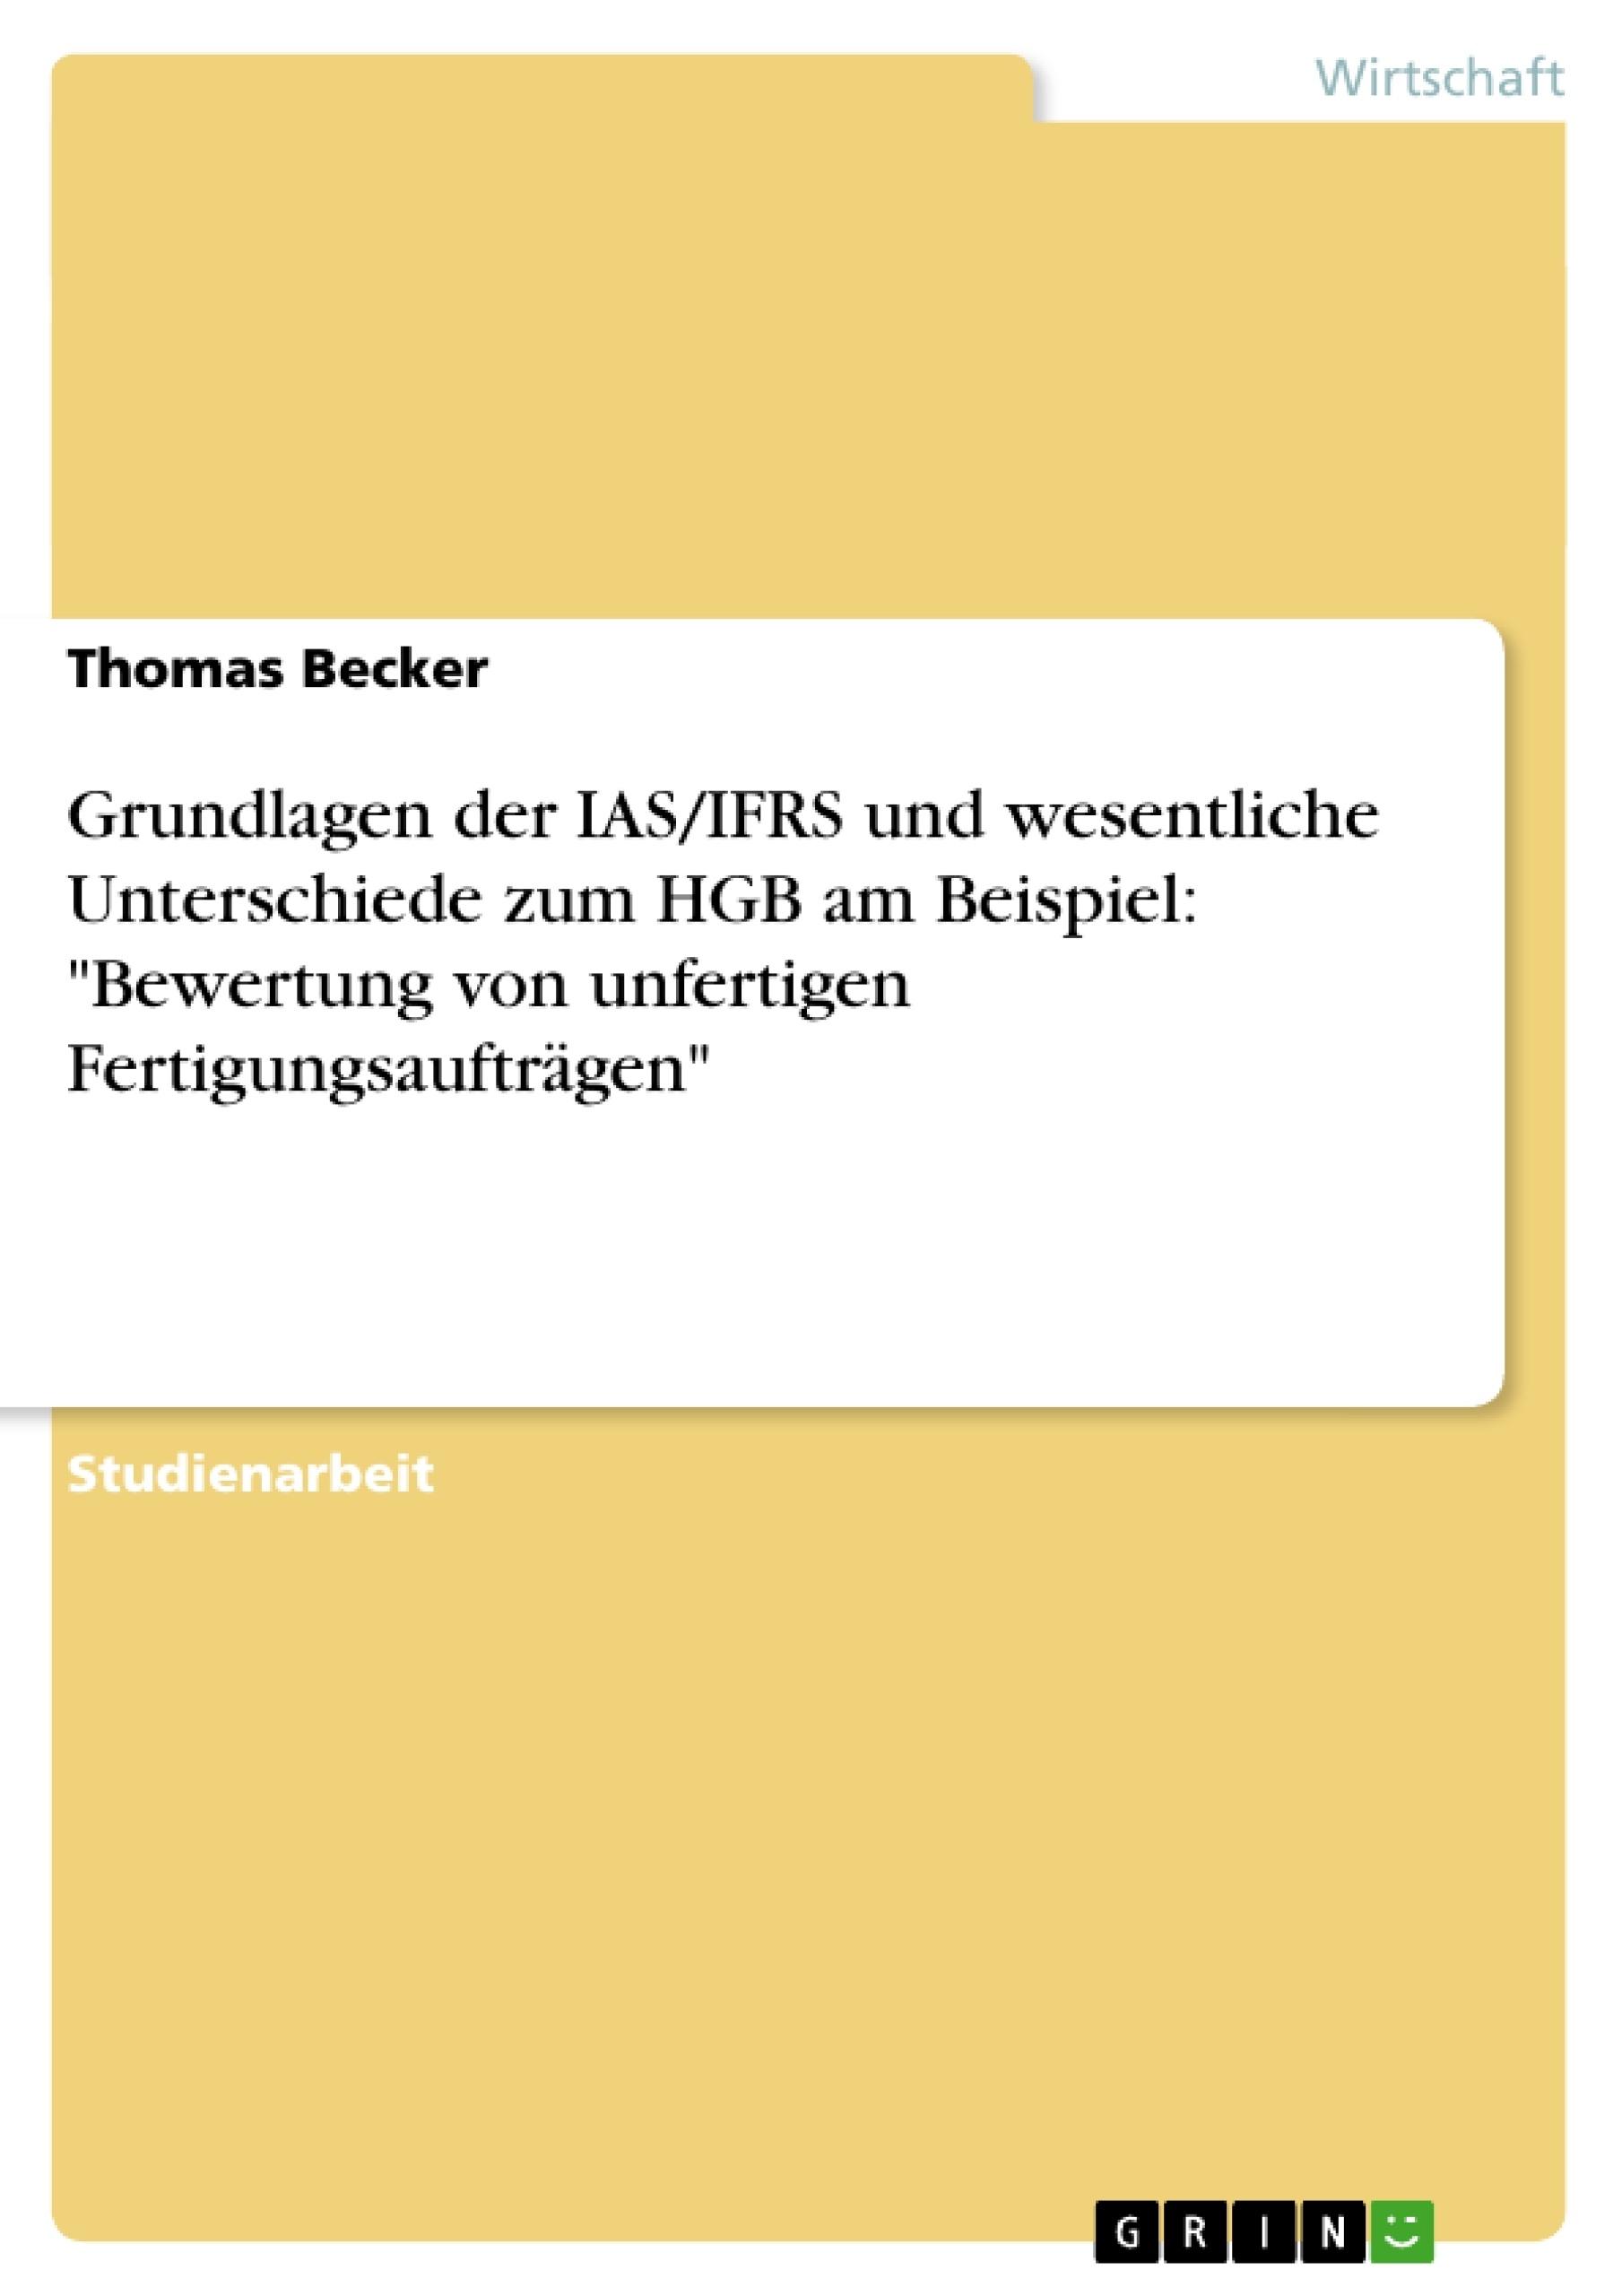 """Titel: Grundlagen der IAS/IFRS und wesentliche Unterschiede zum HGB am Beispiel: """"Bewertung von unfertigen Fertigungsaufträgen"""""""